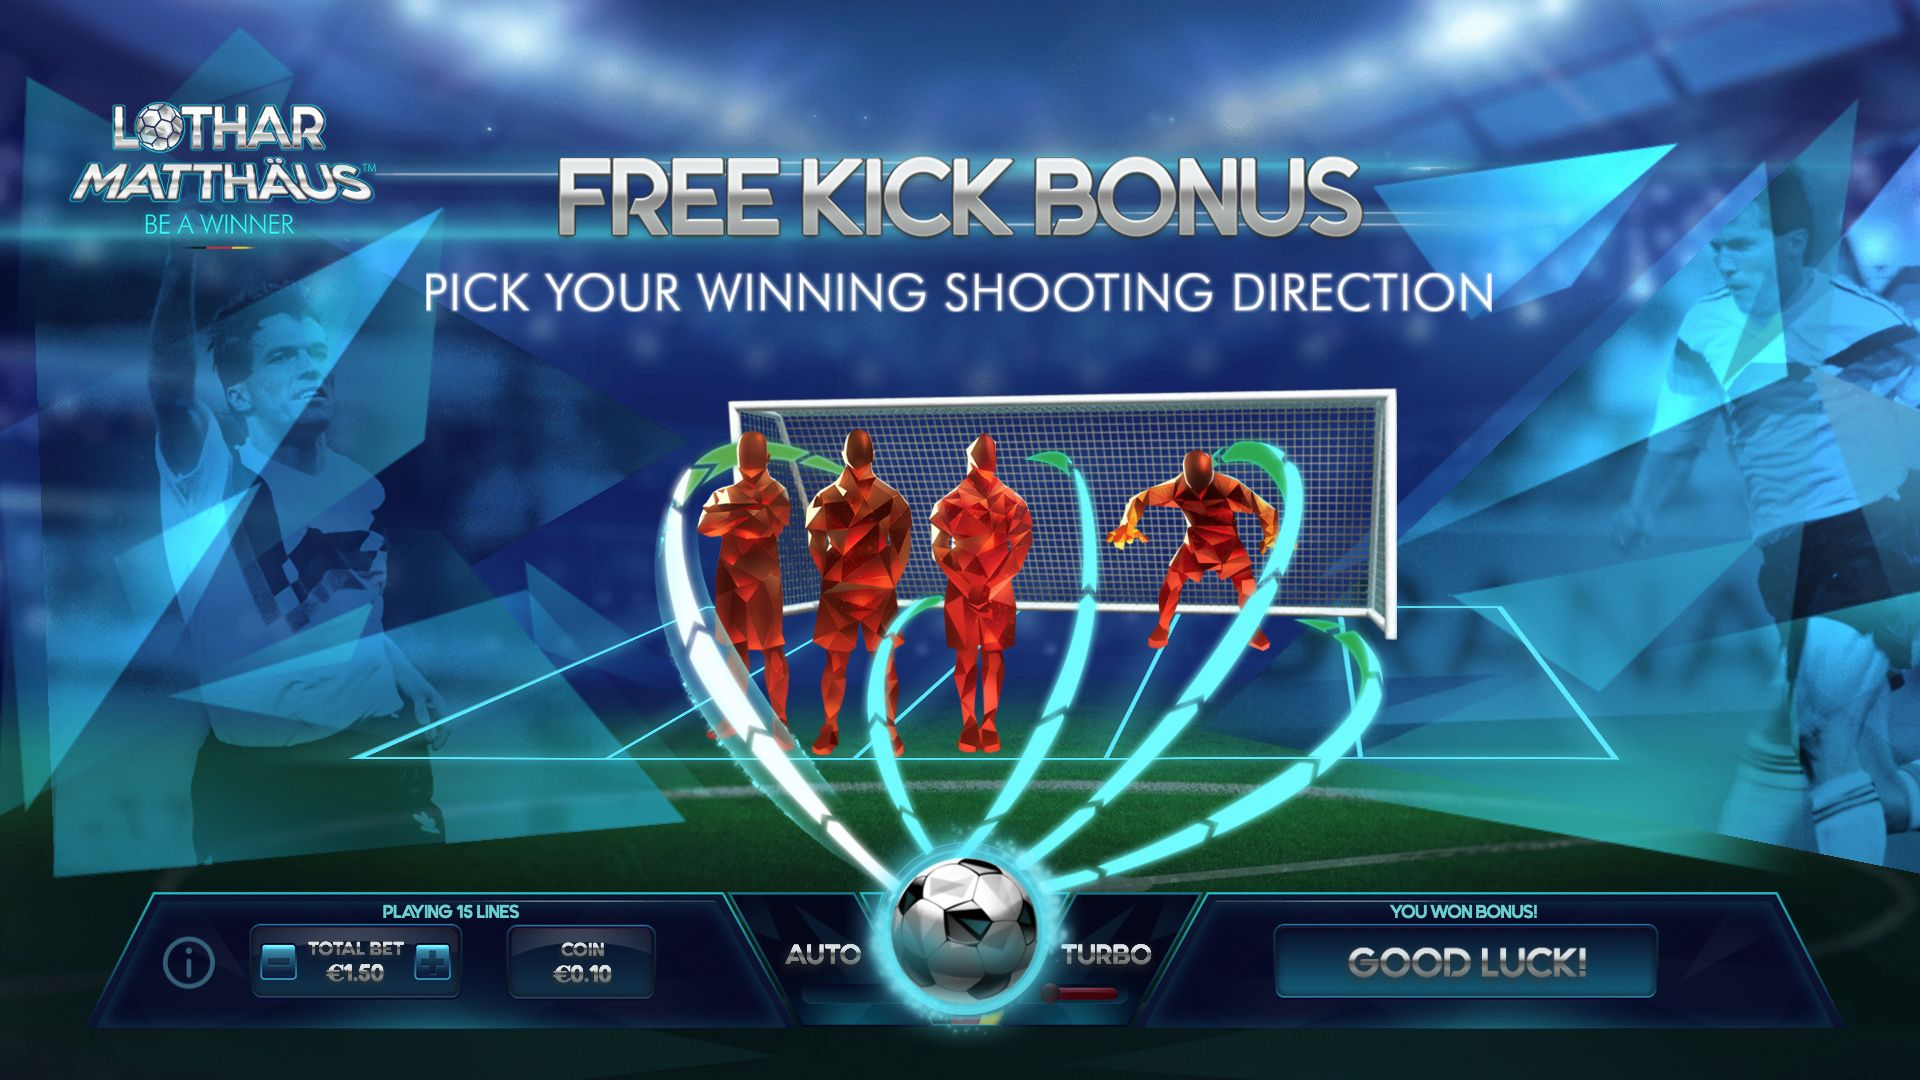 Free Kick Bonus